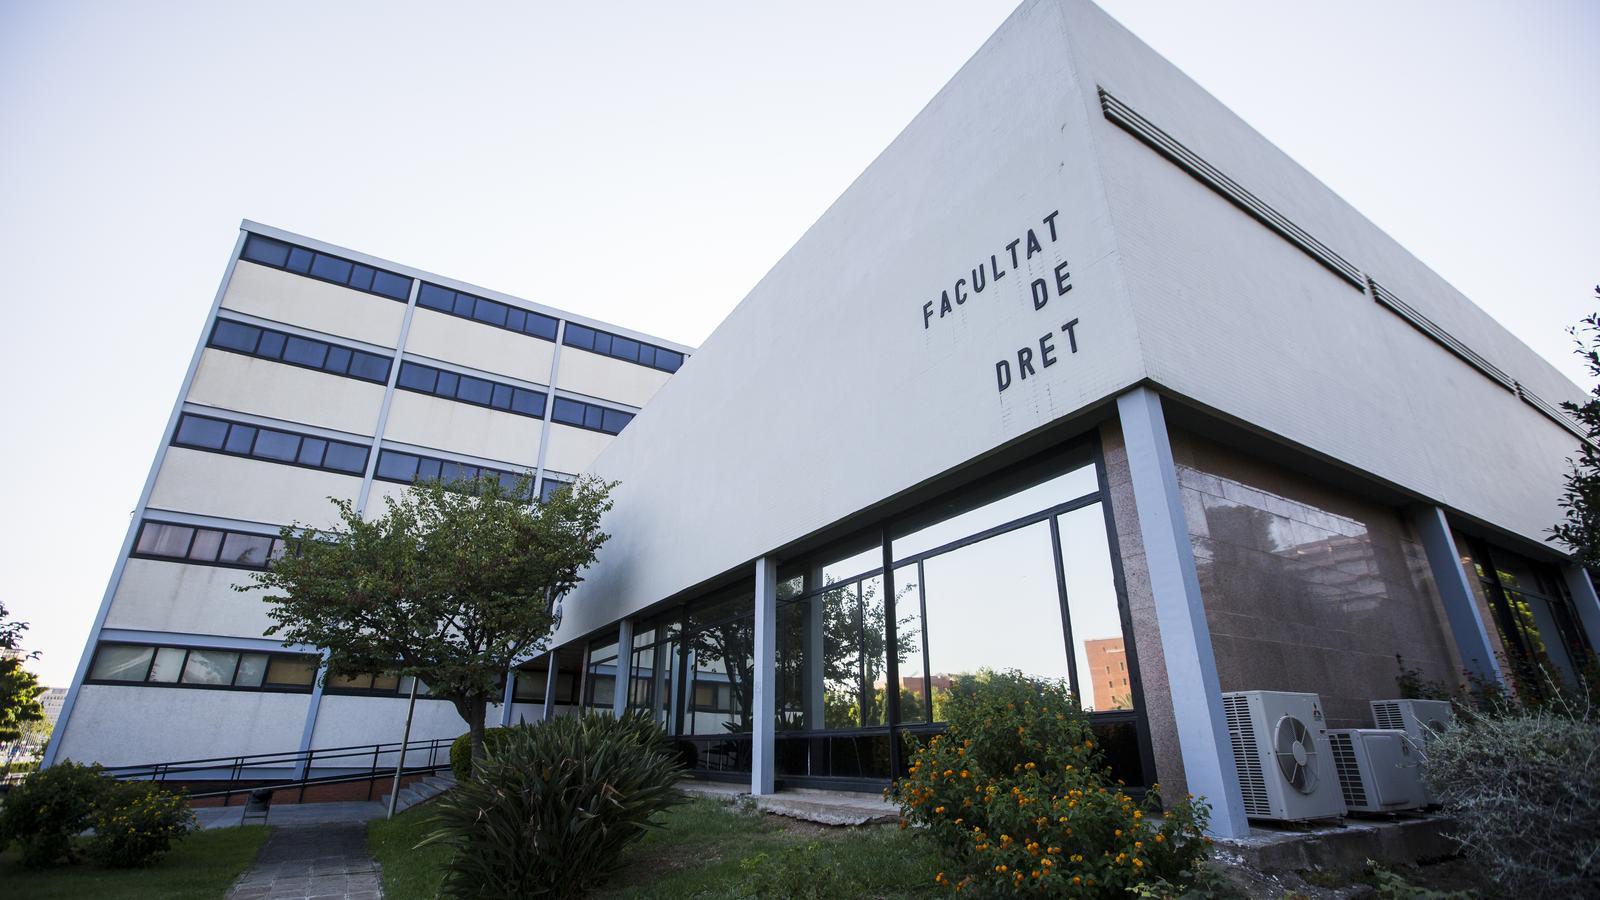 El primer edifici guardonat amb el premi FAD: la facultat de Dret de la UB / MARC ROVIRA